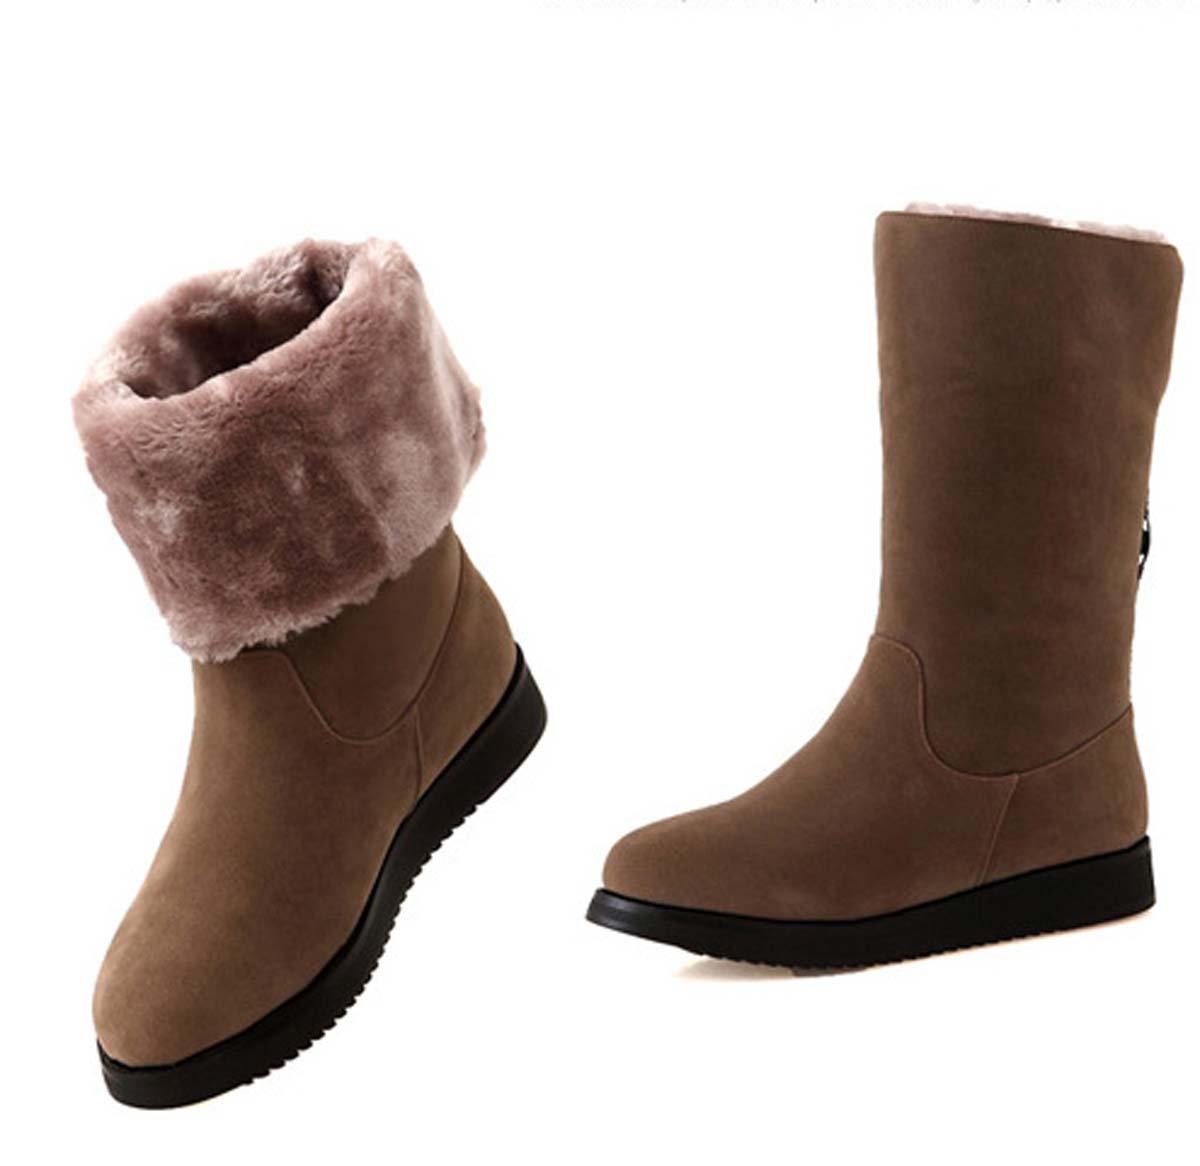 Mid Tube Stiefel Frauen Chelsea Stiefel Flat Heel Wildleder Ritter Stiefel Weibliche Schneeschuh Warm Winter Runde Toe Casual Schuhe (Farbe : Braun)